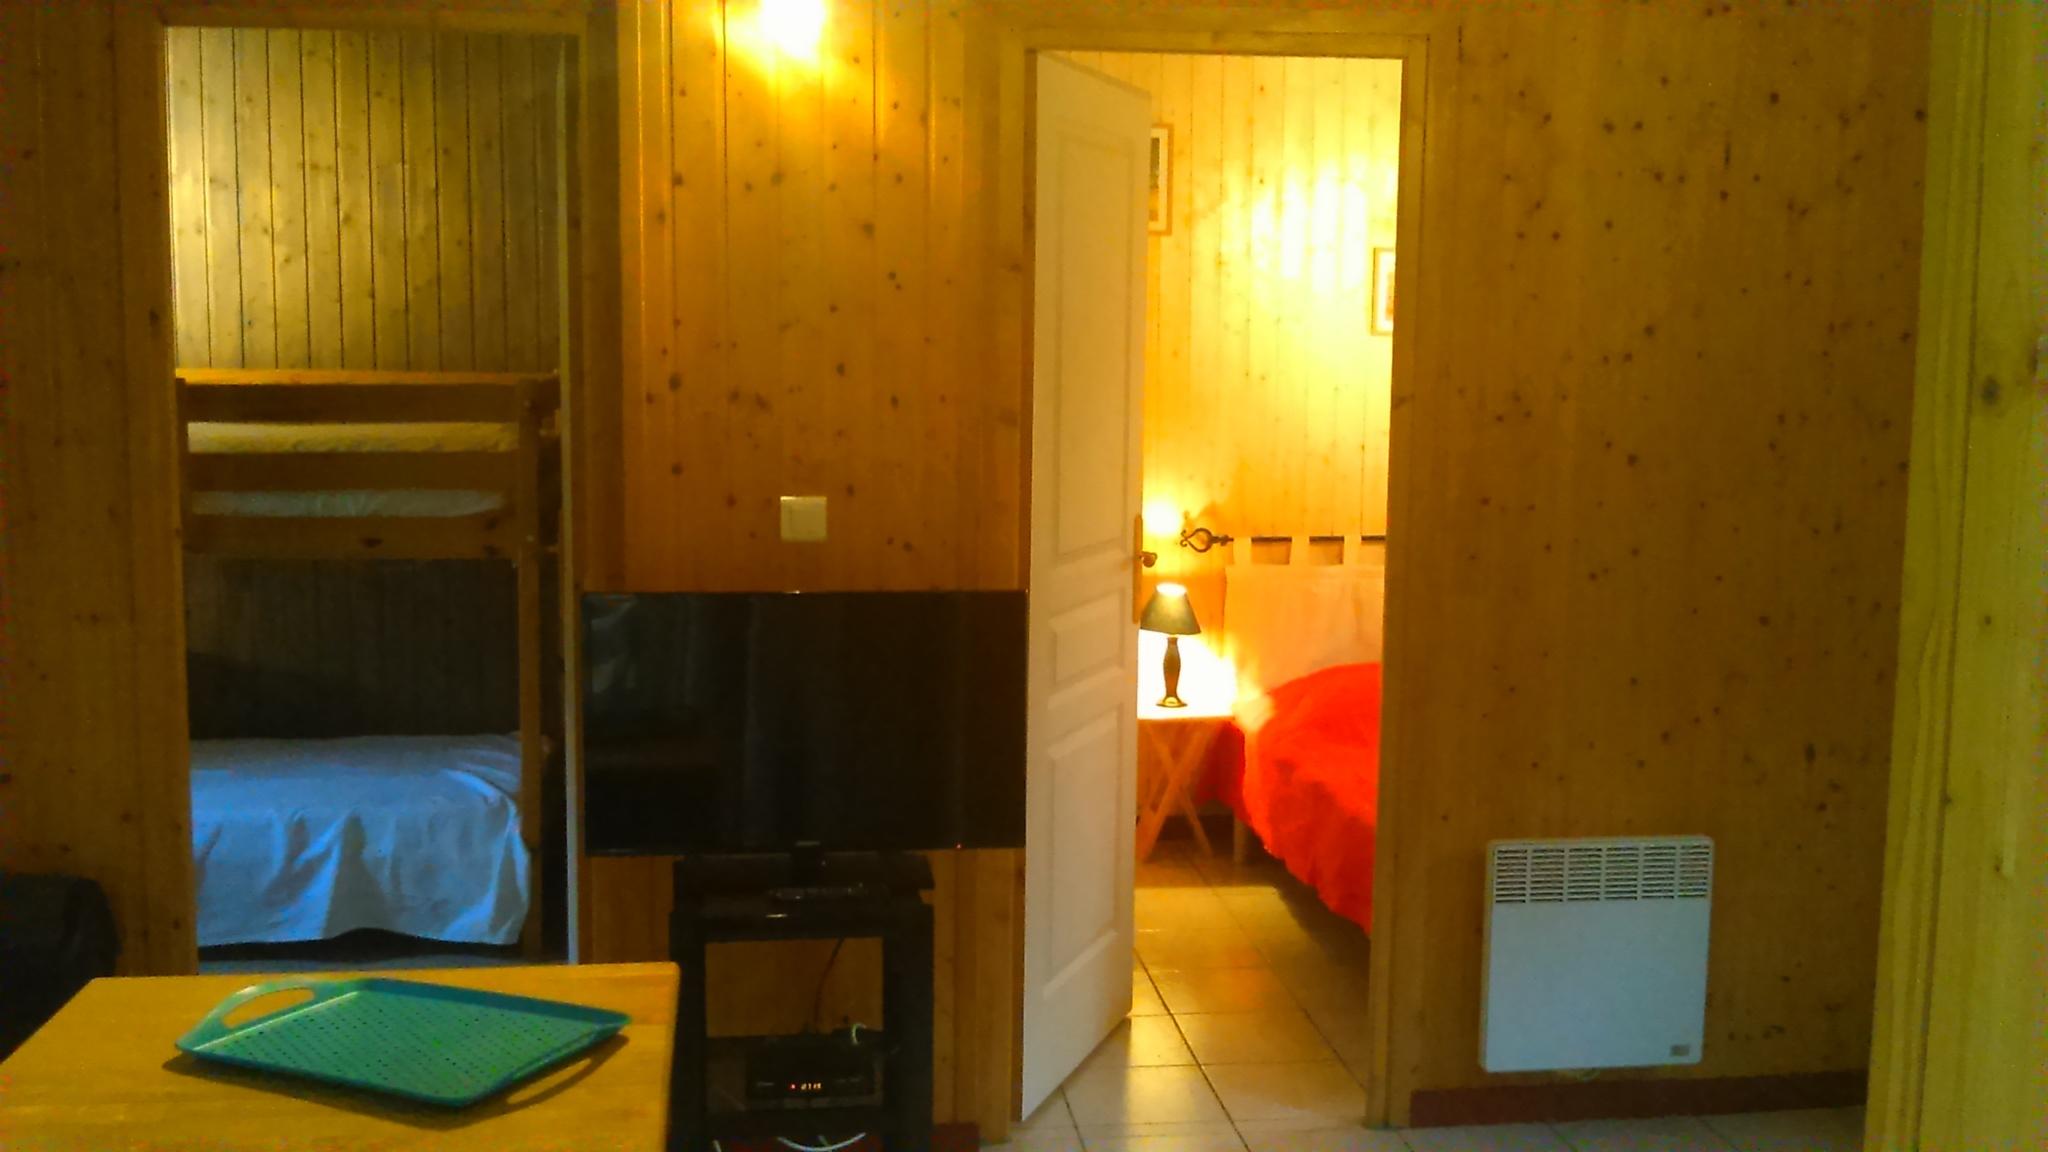 Location avec piscine en dordogne fanlac siorac 4 pers for Chambre avec salle d eau